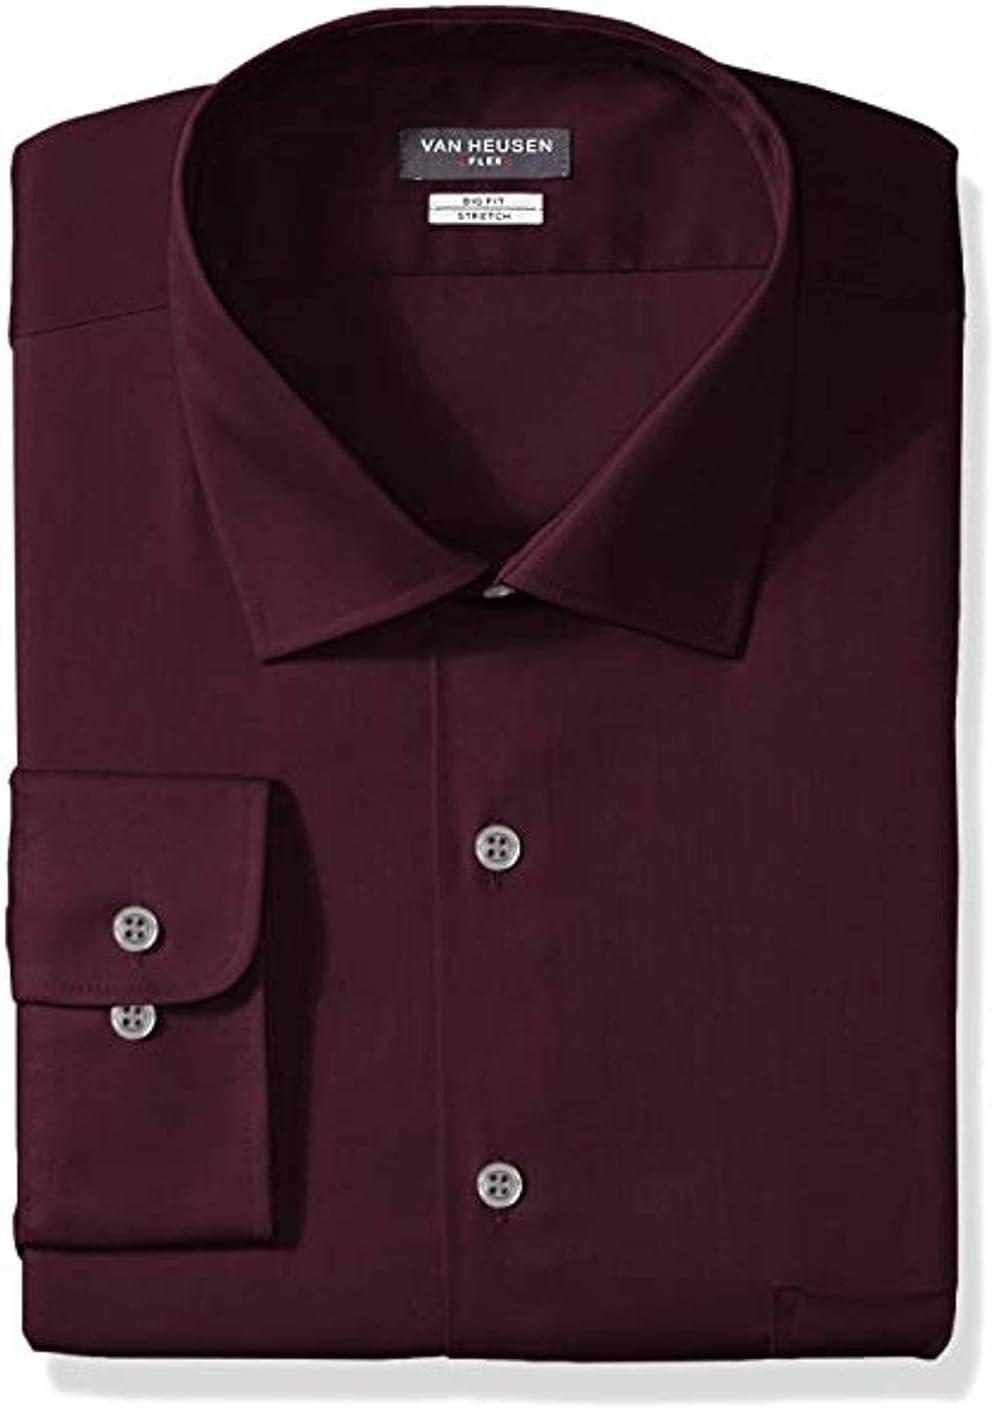 Van Heusen Men's Tall Dress Shirt Big Fit Flex Solid